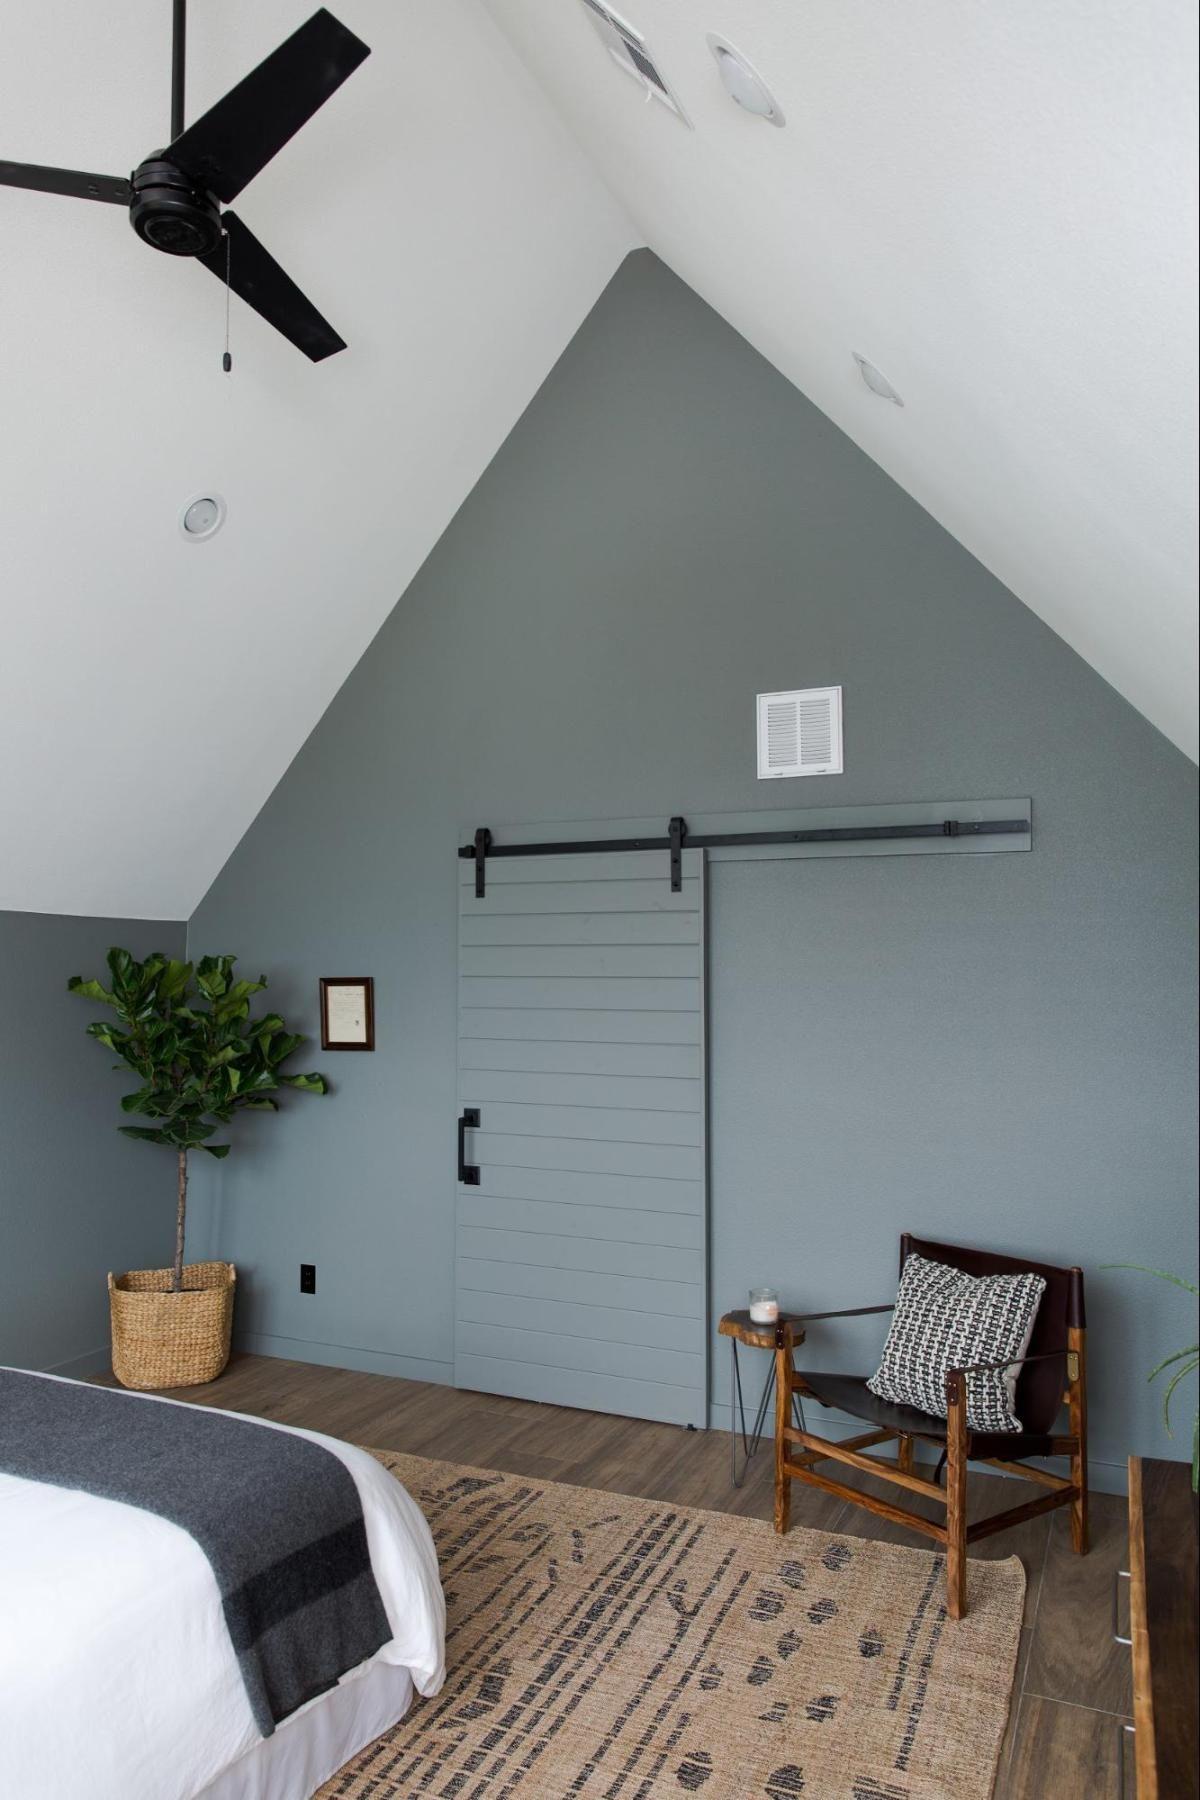 Une Petite Maison Au Look Industriel Avec Images Deco Maison